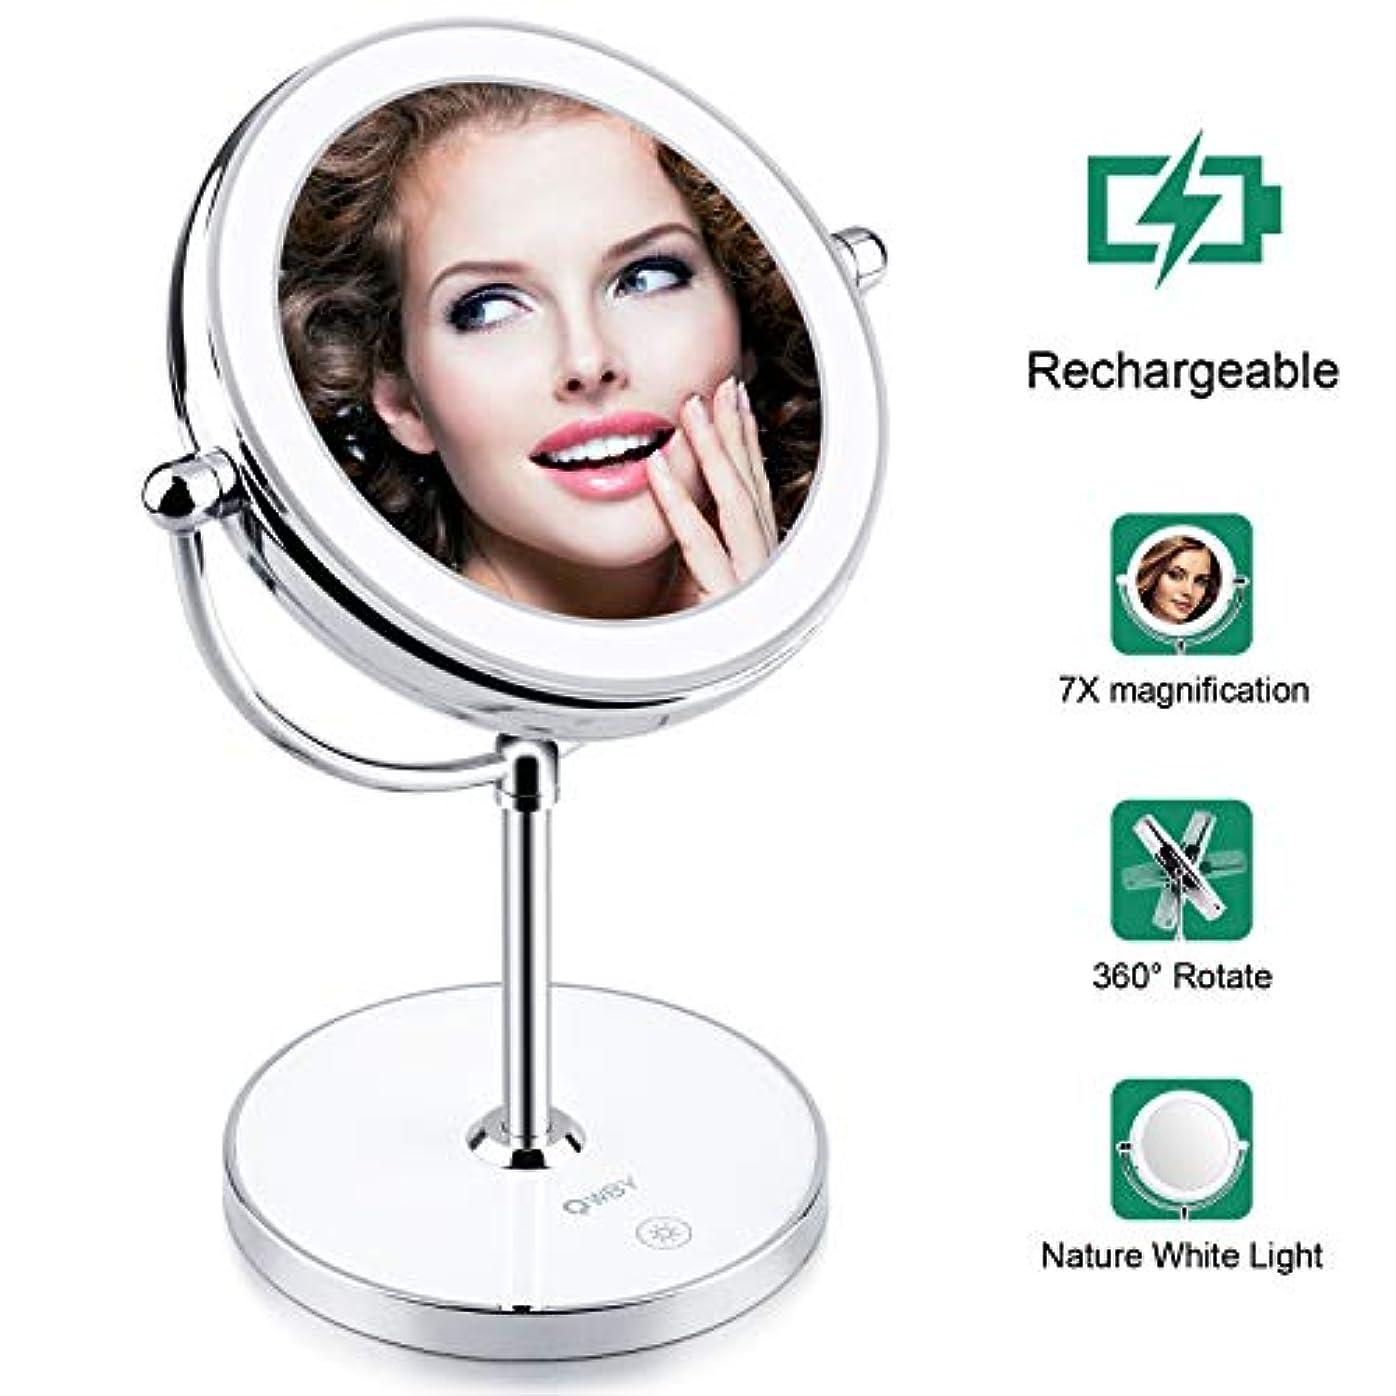 アラブサラボ表示テレマコスWorld Backyard 内蔵 充電式電池とライトで丸い形状 コードレスミラーを適用する美容化粧品 用 化粧鏡両面1X倍率を点灯。 7X